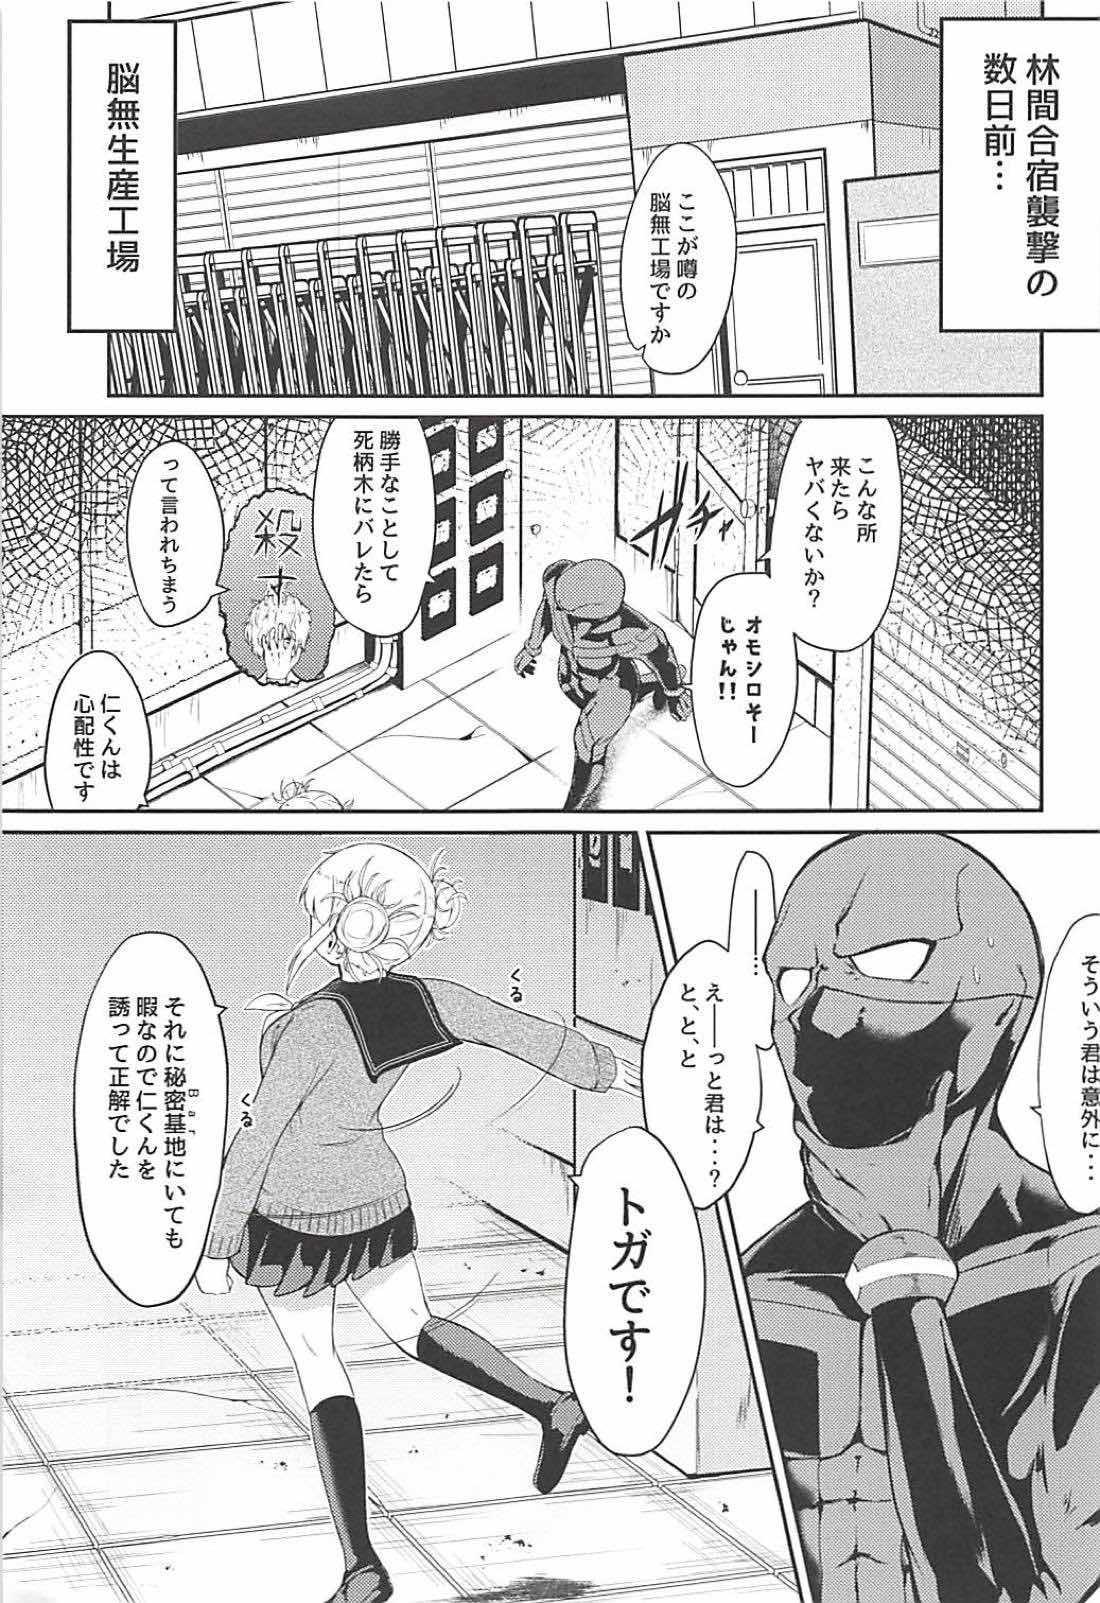 Toga Himiko no Chiuchiu Academia 1